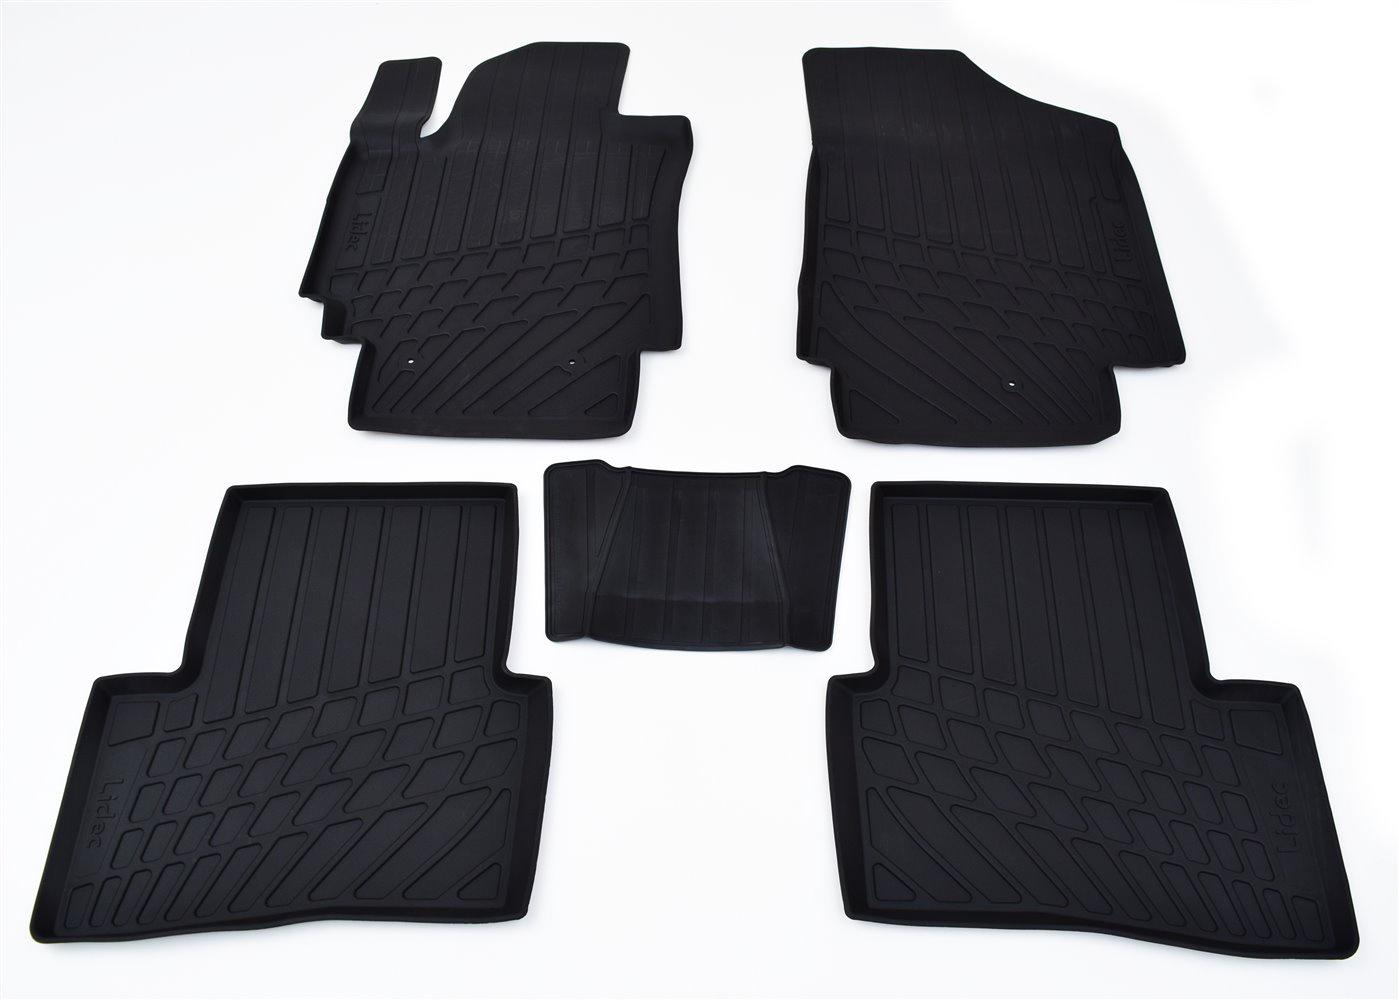 Коврики в салон автомобиля Avtodriver литьевые для Volkswagen Tiguan Ii (2016), Np11-Ldc-95-653, черный gm ldc 300o